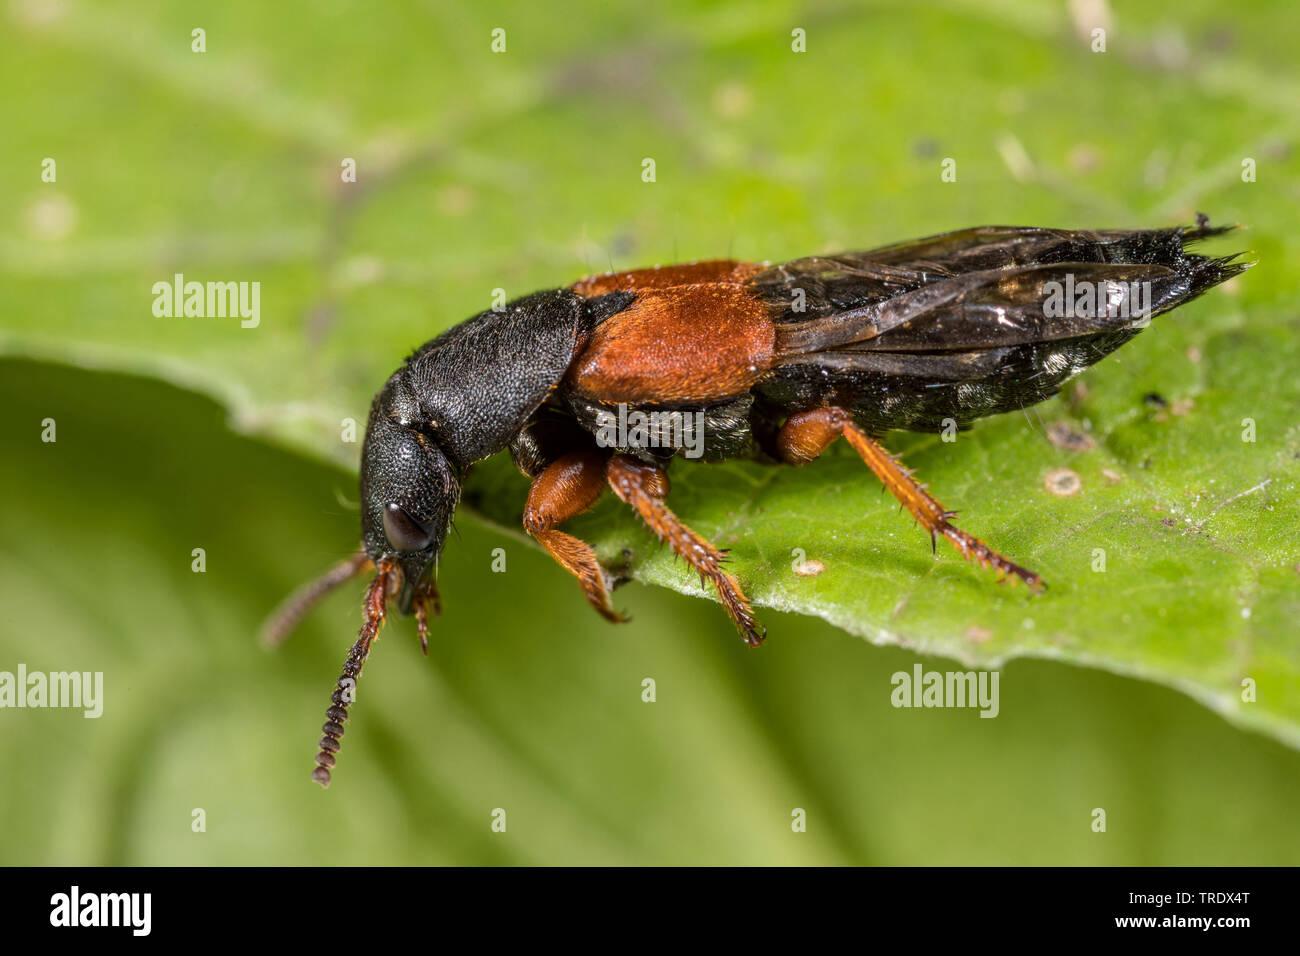 Kurzfluegler, Platydracus stercorarius (Platydracus stercorarius, Staphylinus crebrepunctatus), sitzt auf einem Blatt, Deutschland | rove beetle (Plat - Stock Image